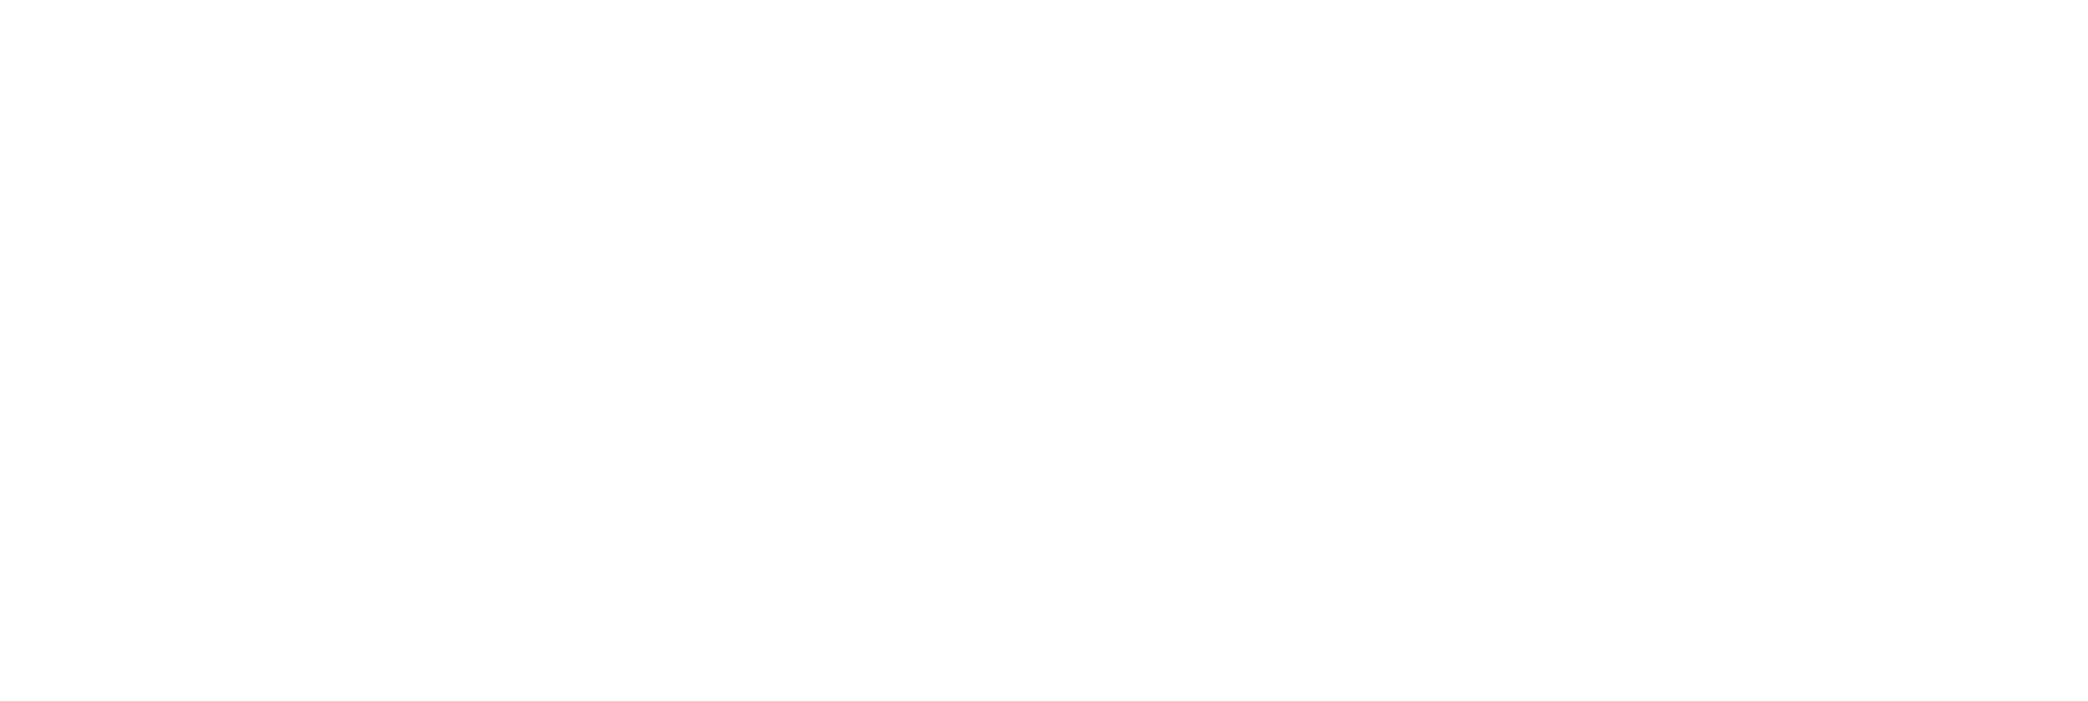 Marbodal-no